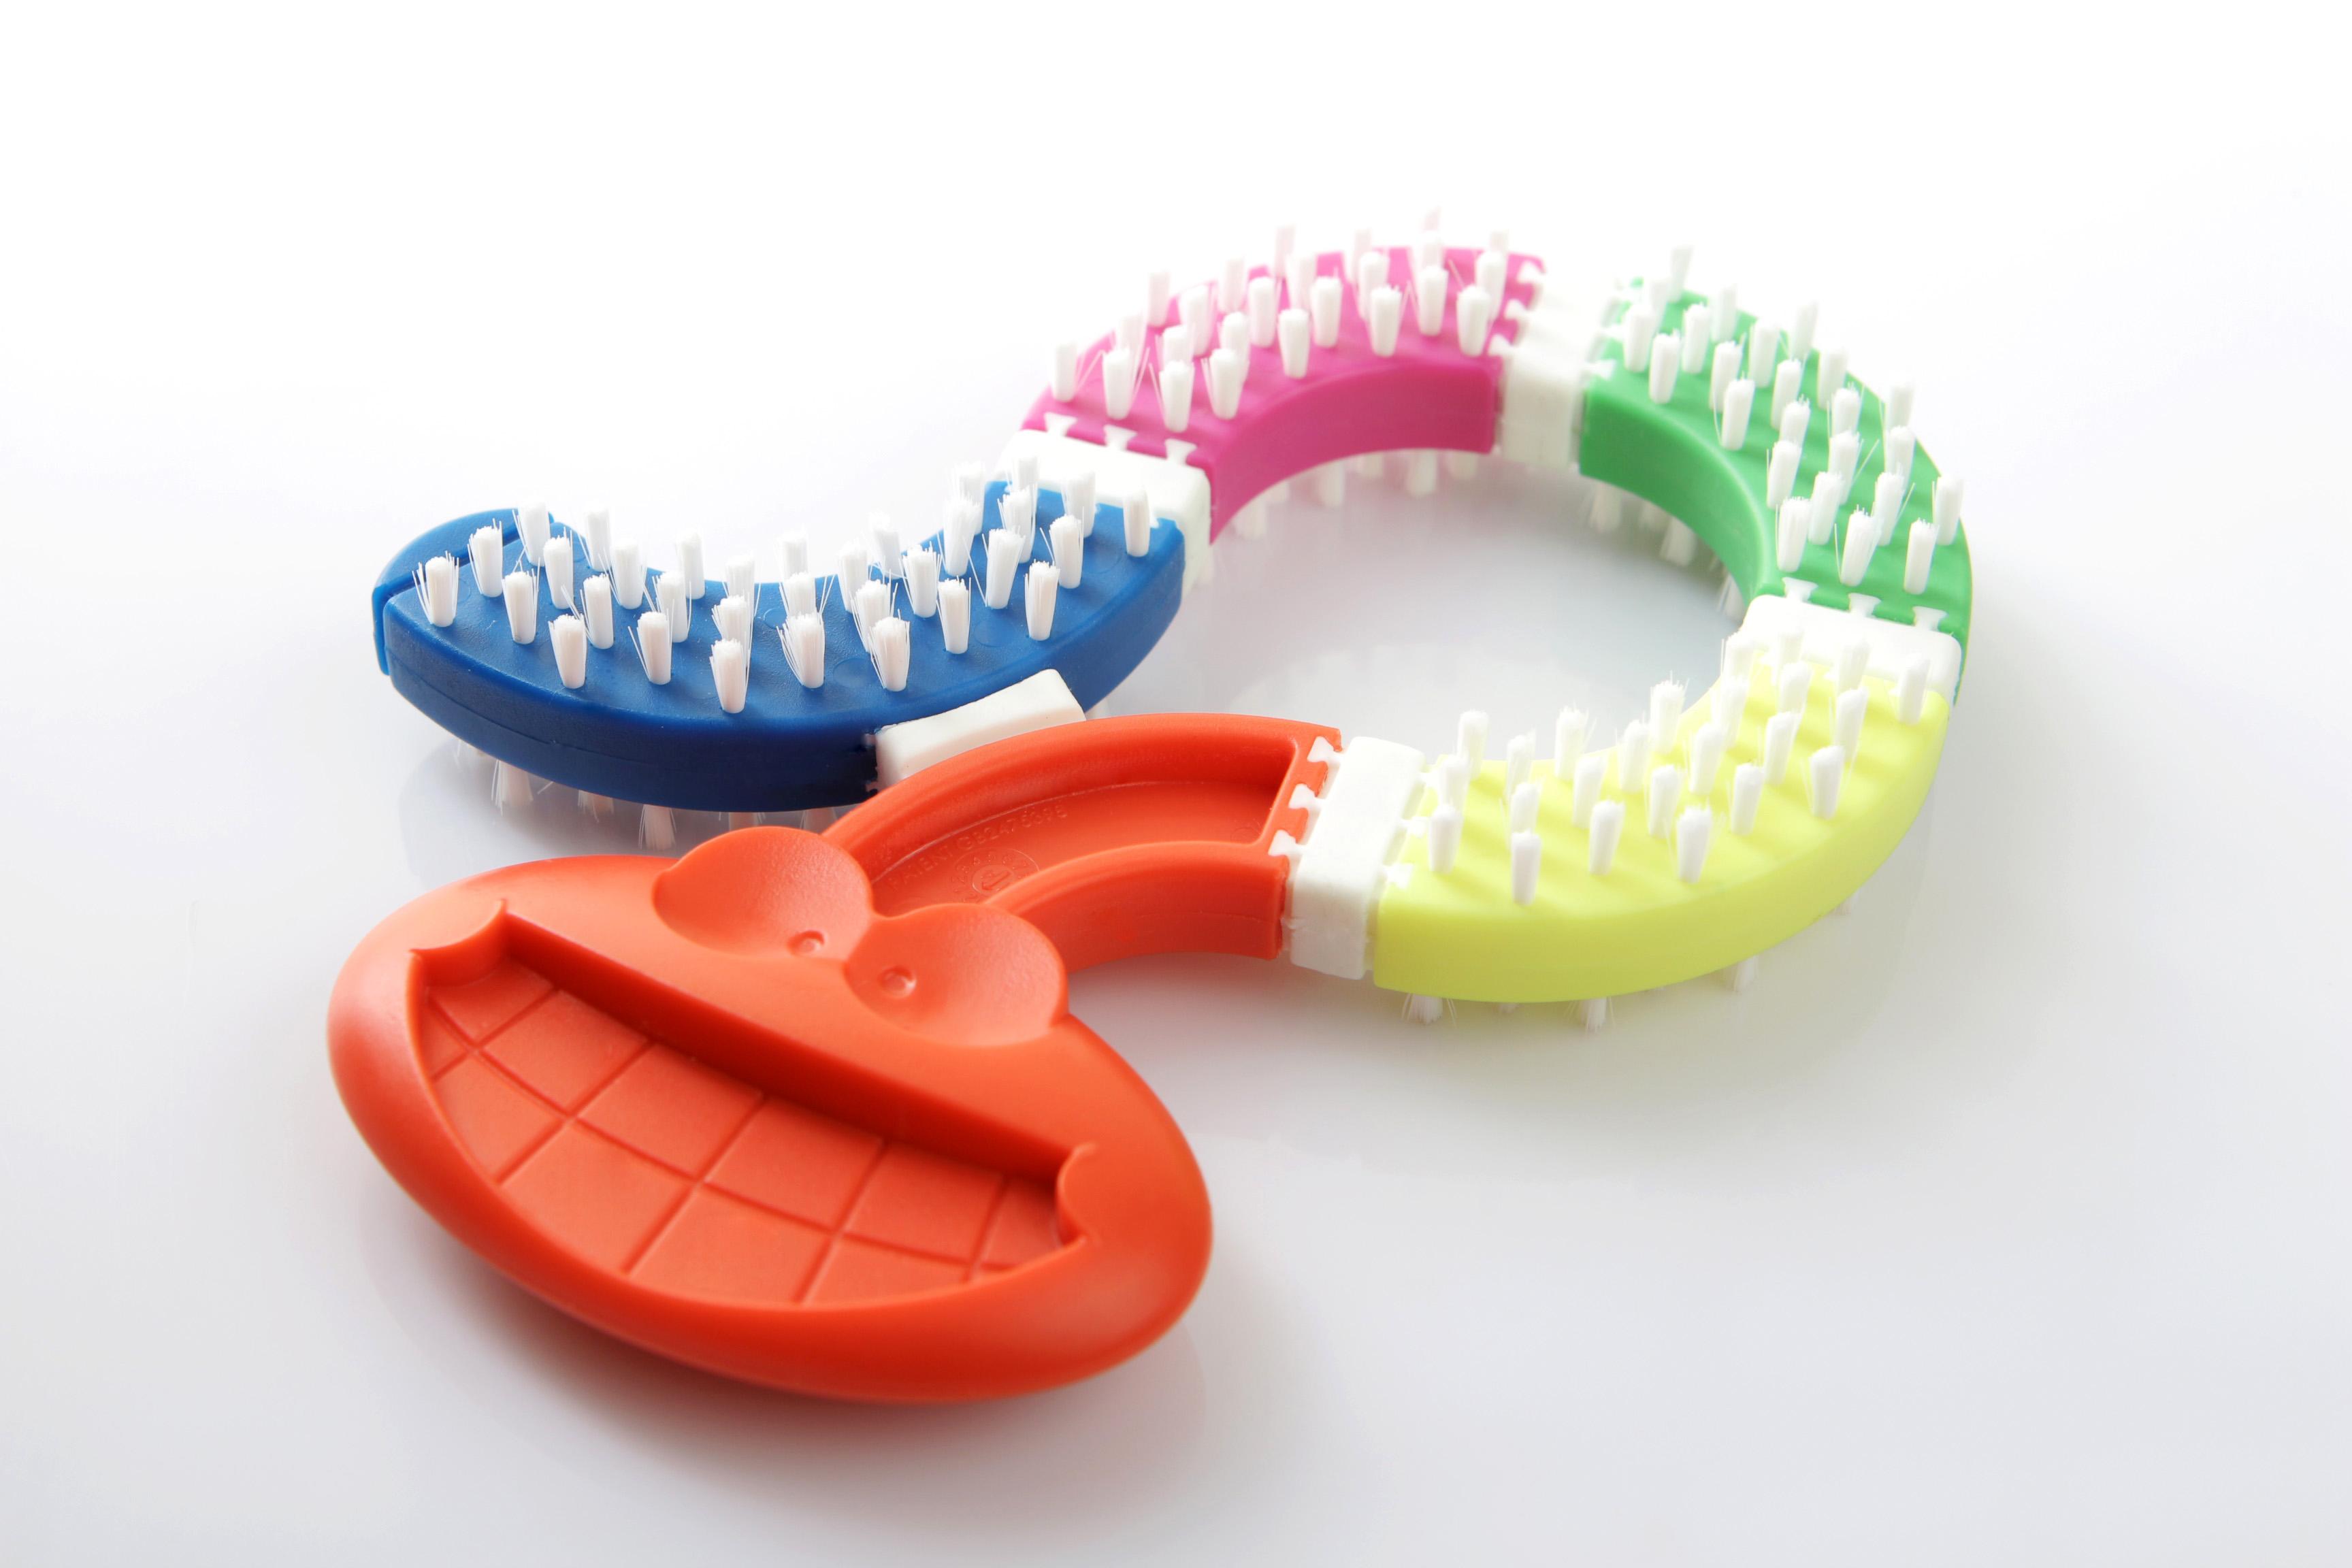 BugBrush product image